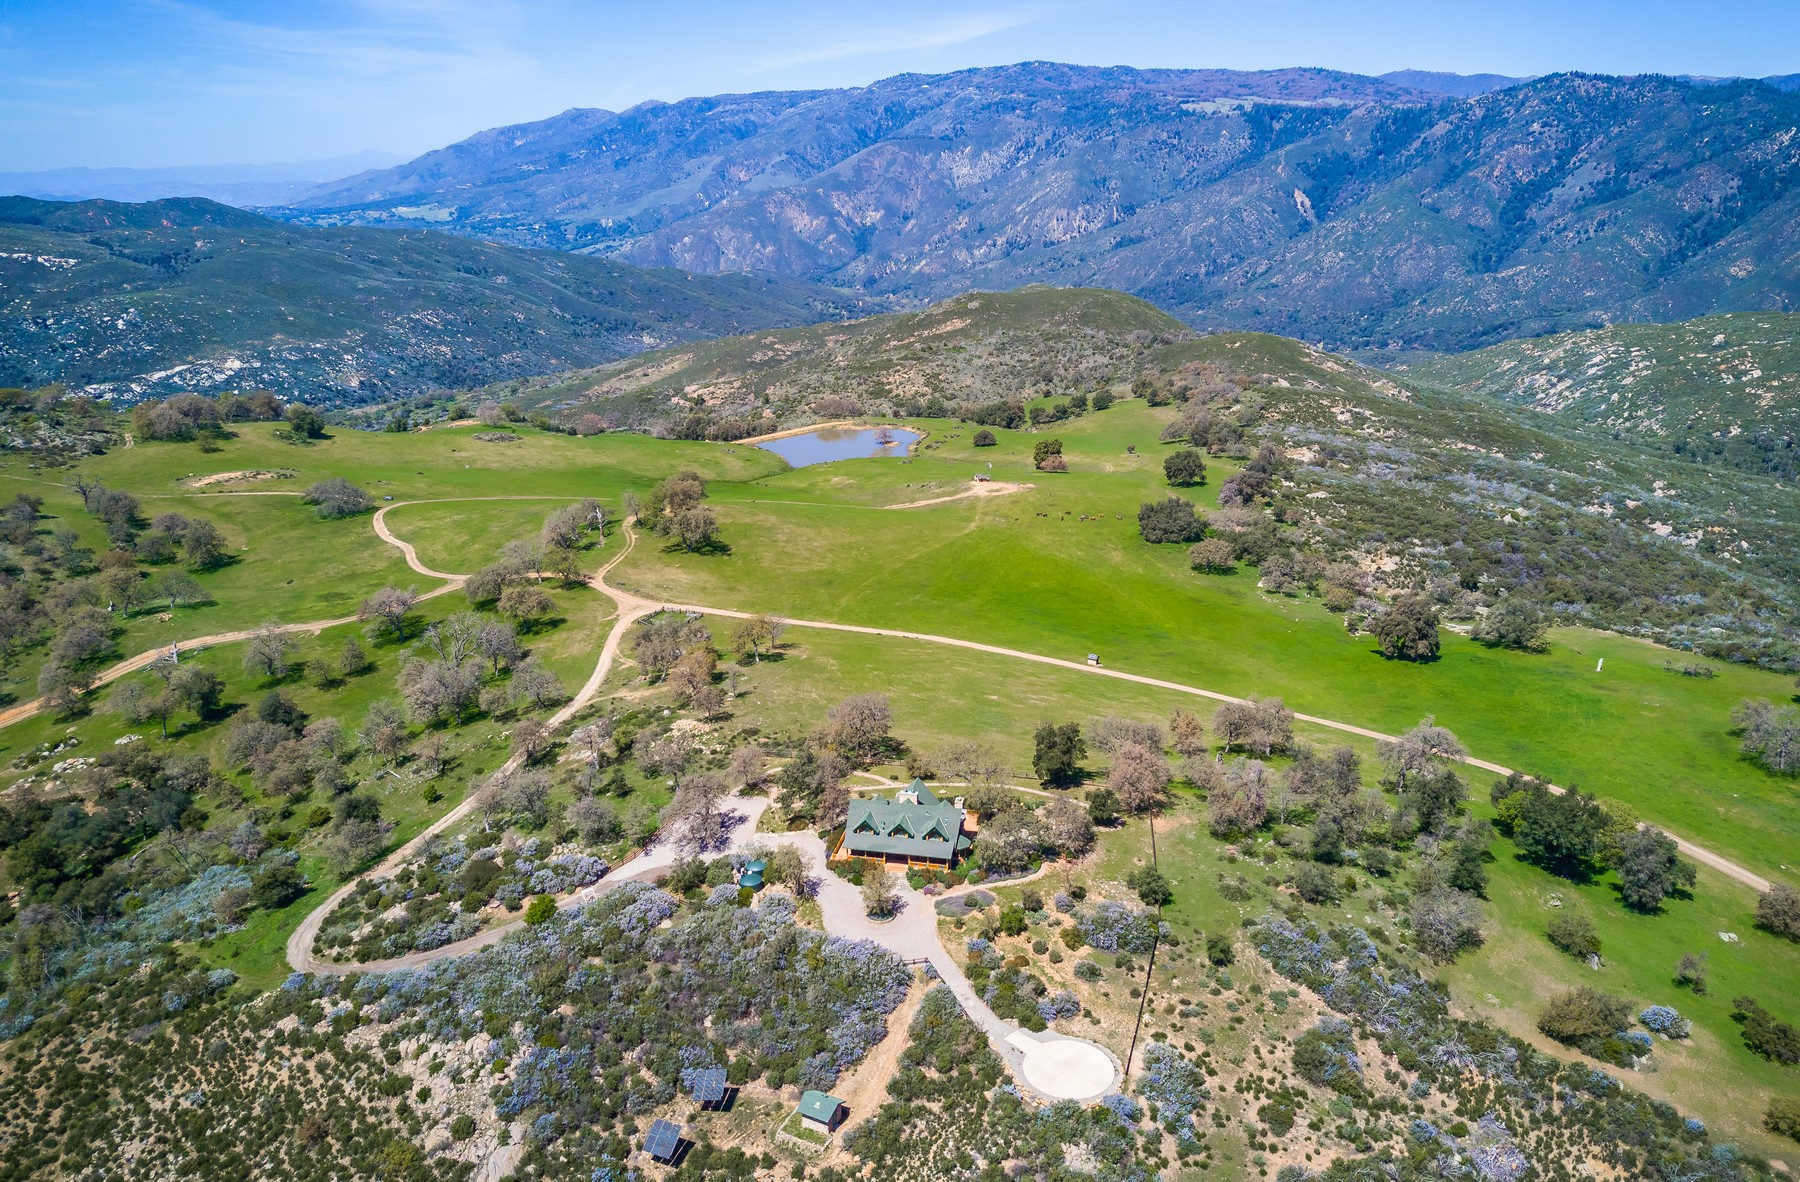 Nông trại / Trang trại / Vườn vì Bán tại Double S Ranch 28197 Angel Mountain Road Santa Ysabel, California, 92070 Hoa Kỳ